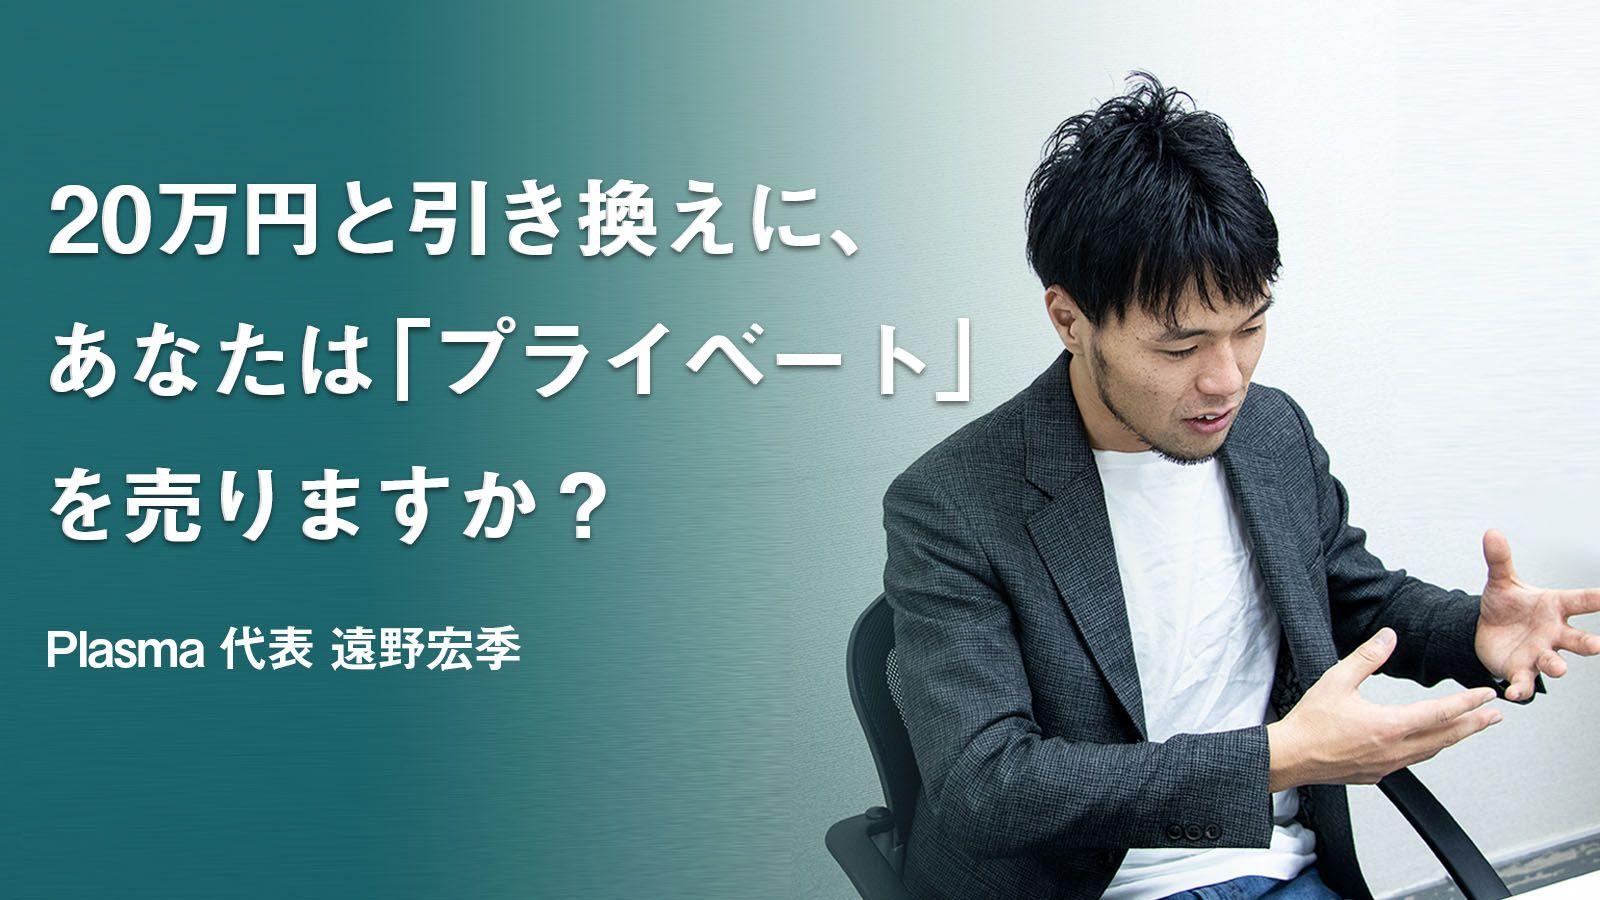 私生活の動画、20万円で売ってくれませんか? 社会実験『EXOGRAPH』の狙い